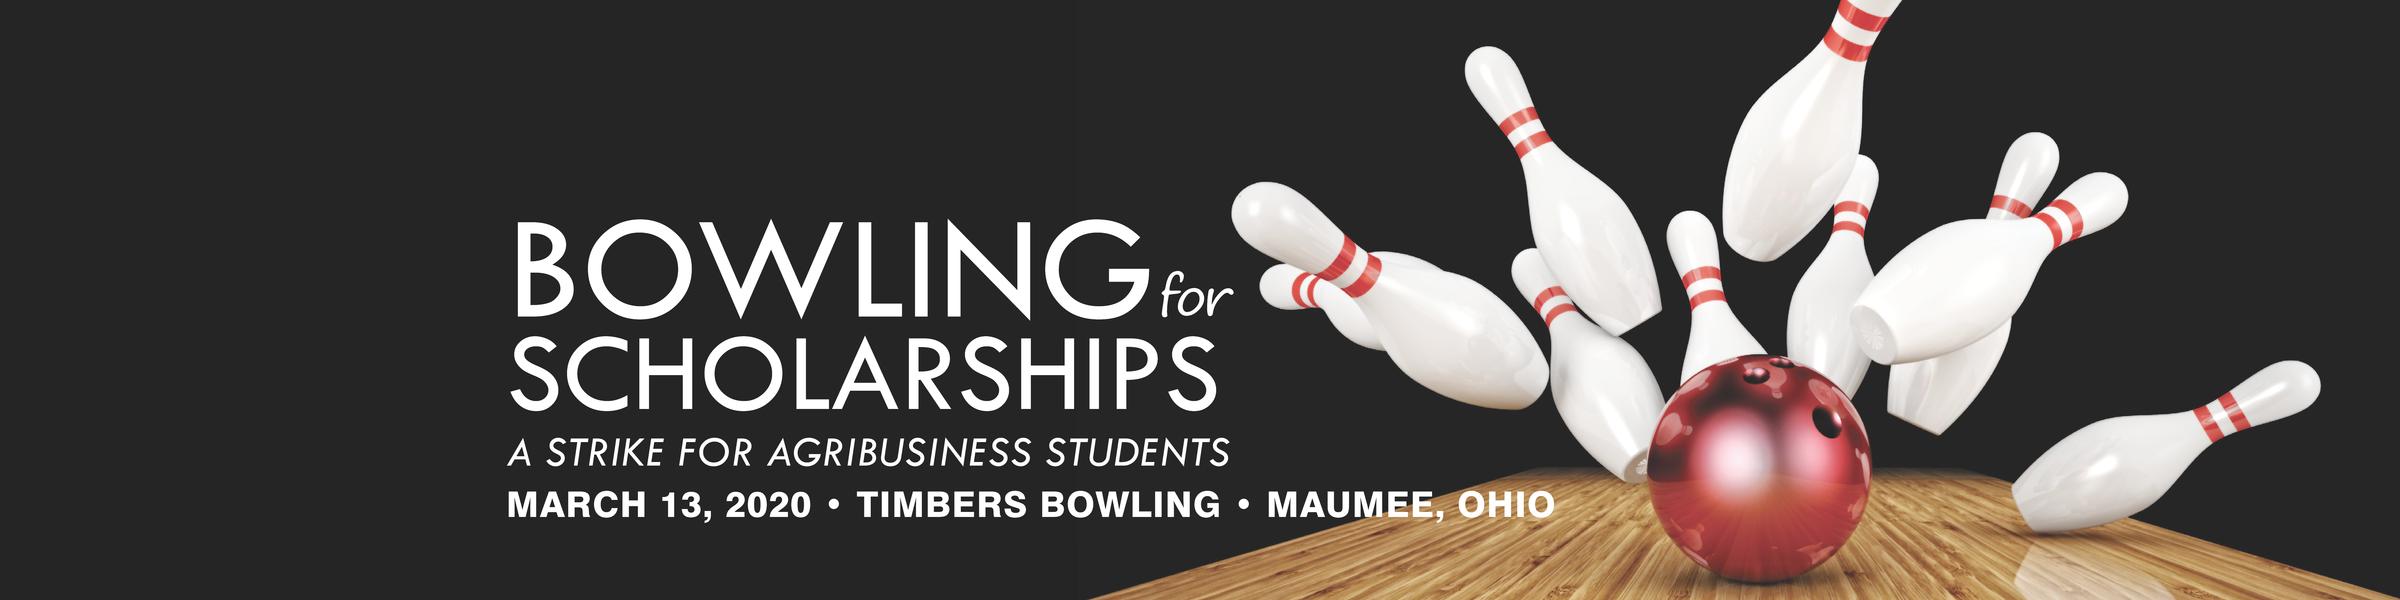 Bowling Website Header 2020